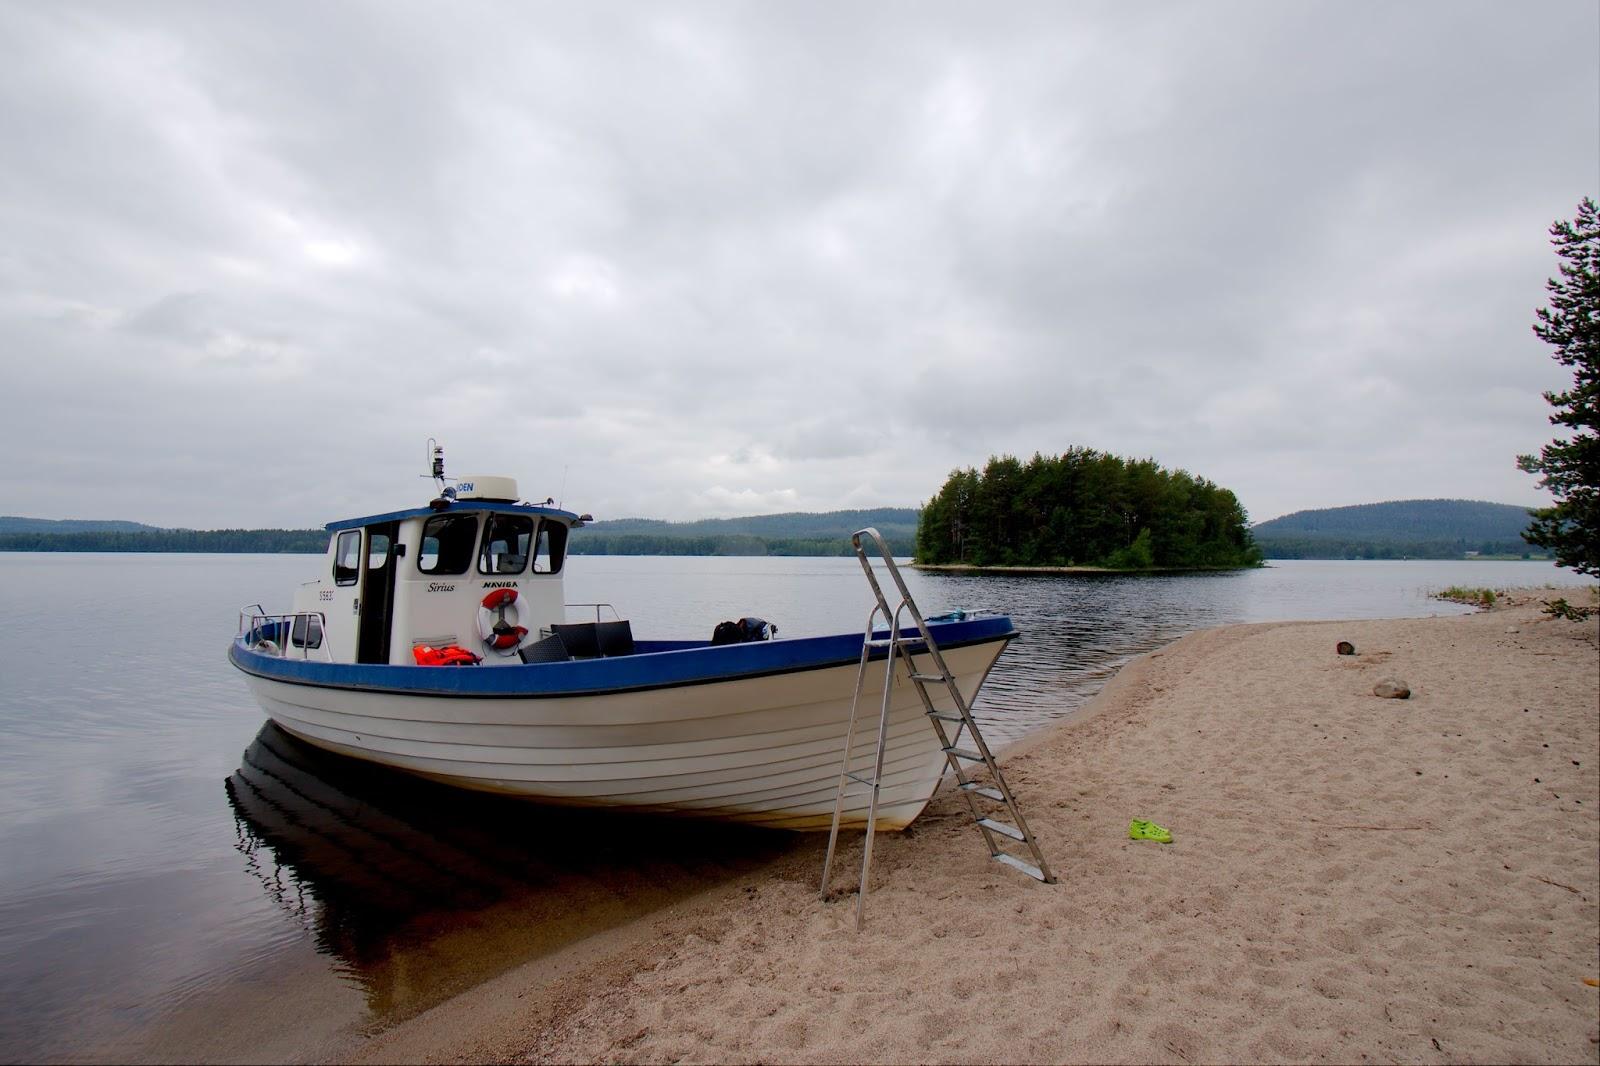 Metsähallituksen vene, Pielisen hiekkasaaret